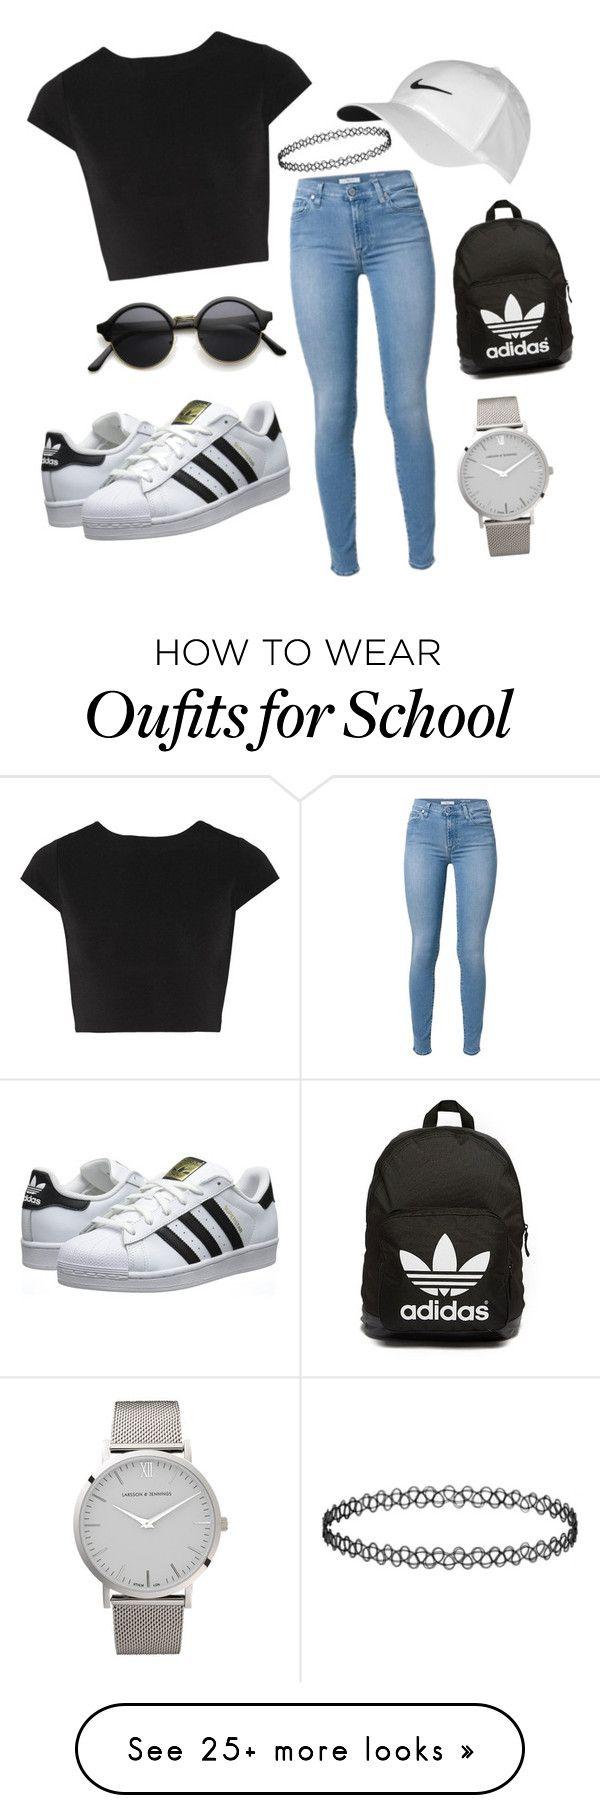 laubreym22✨ | coole klamotten | Pinterest | Outfit ideen, Outfit ...